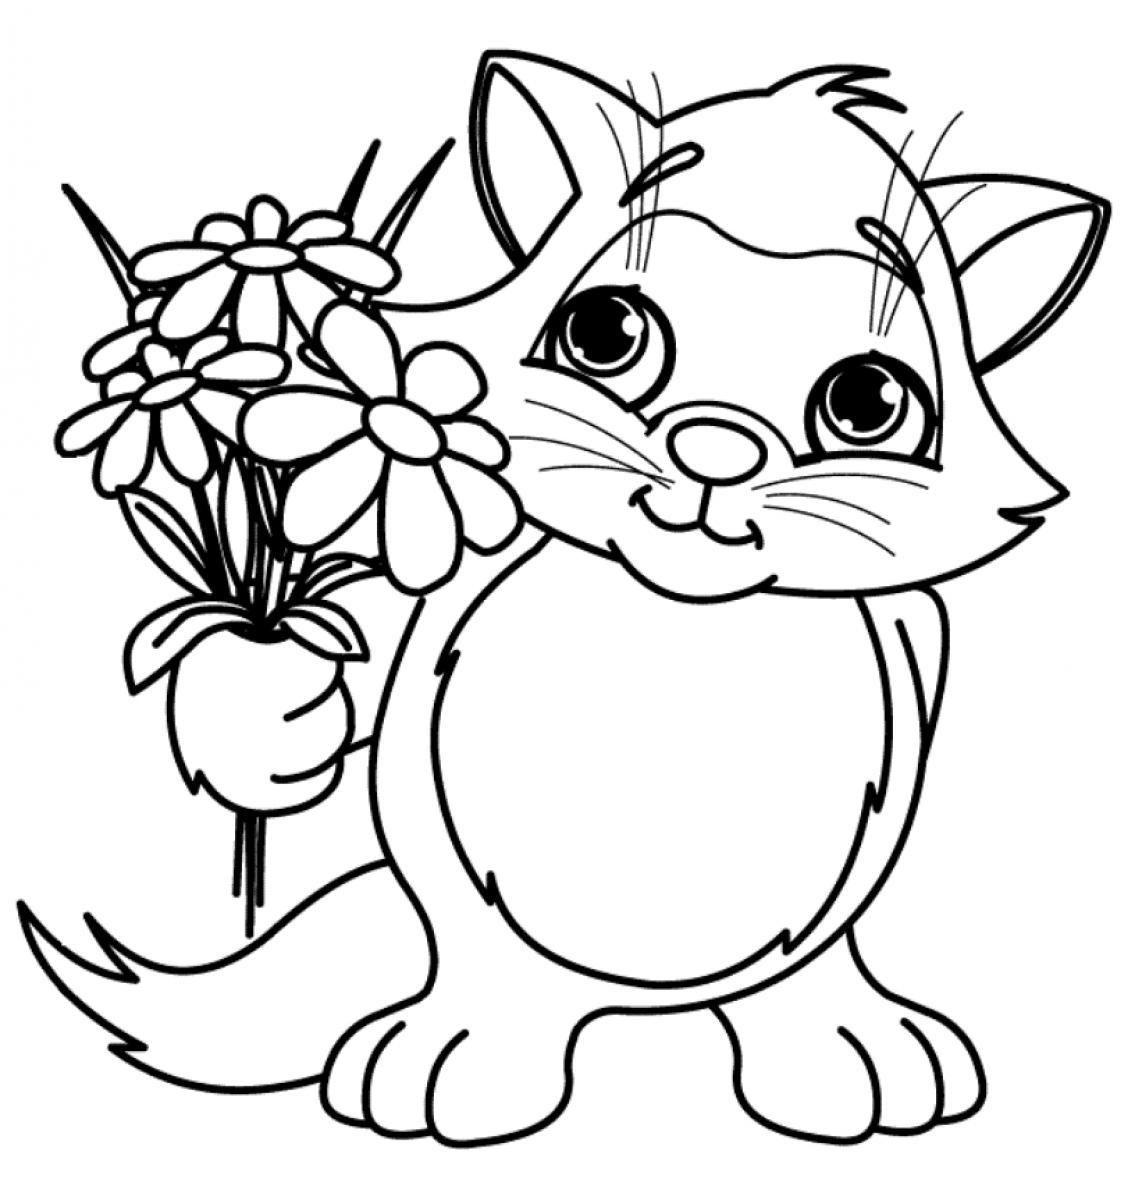 gato e flores grandes para colorear | DIBUJOS PARA COLOREAR | Pinterest